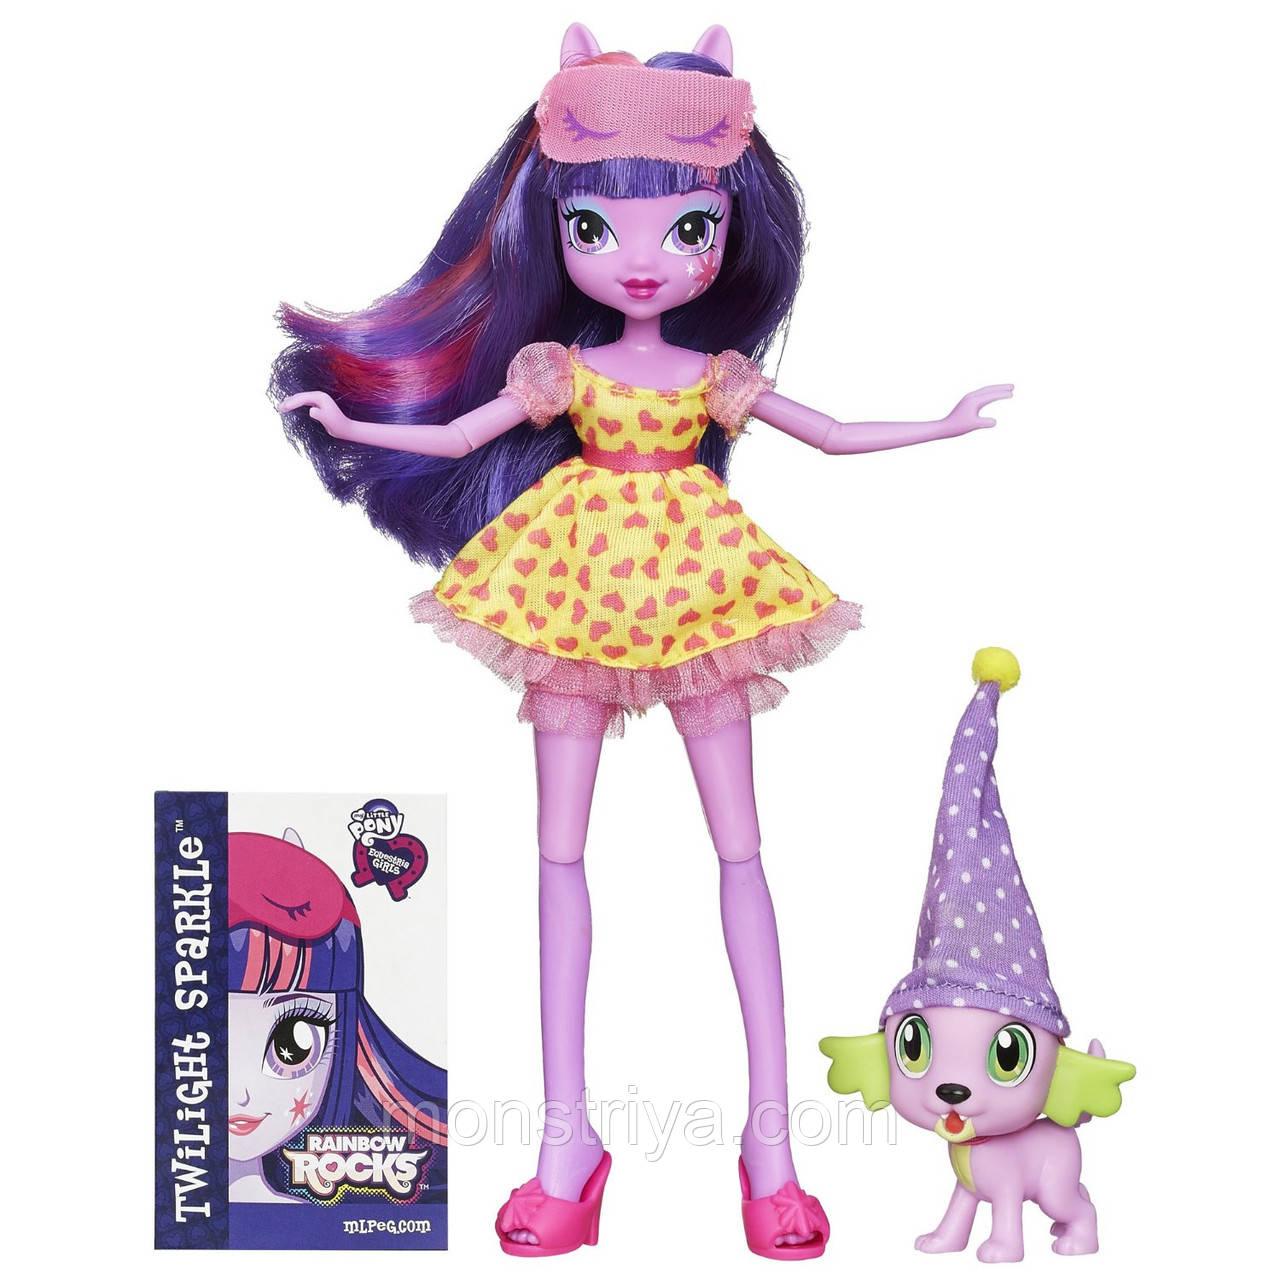 Кукла My Little Pony  Сумеречная искорка  Май литл пони